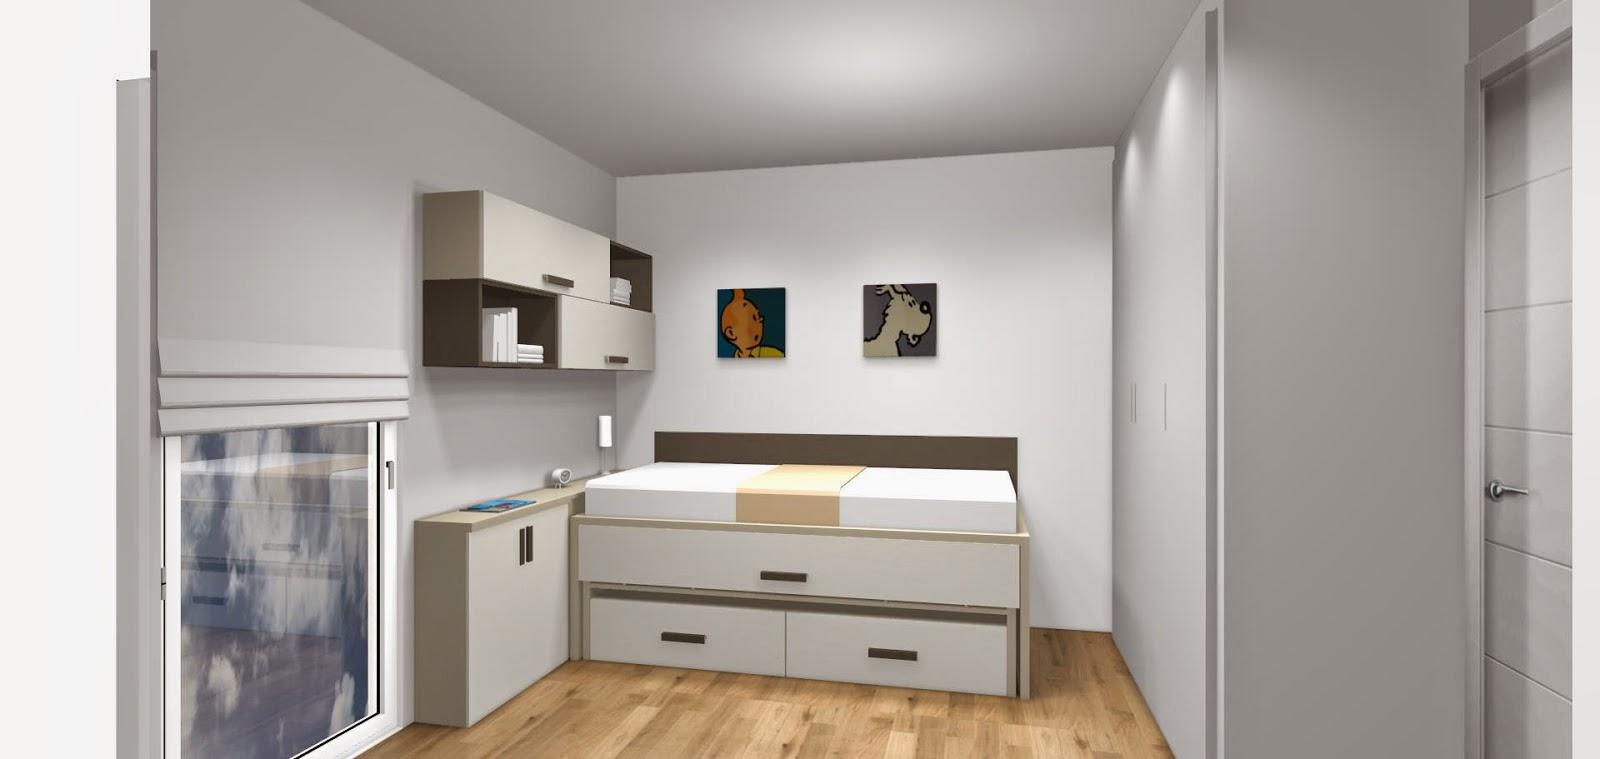 Dise o de cuartos o dormitorios juveniles - Disenar dormitorio juvenil ...